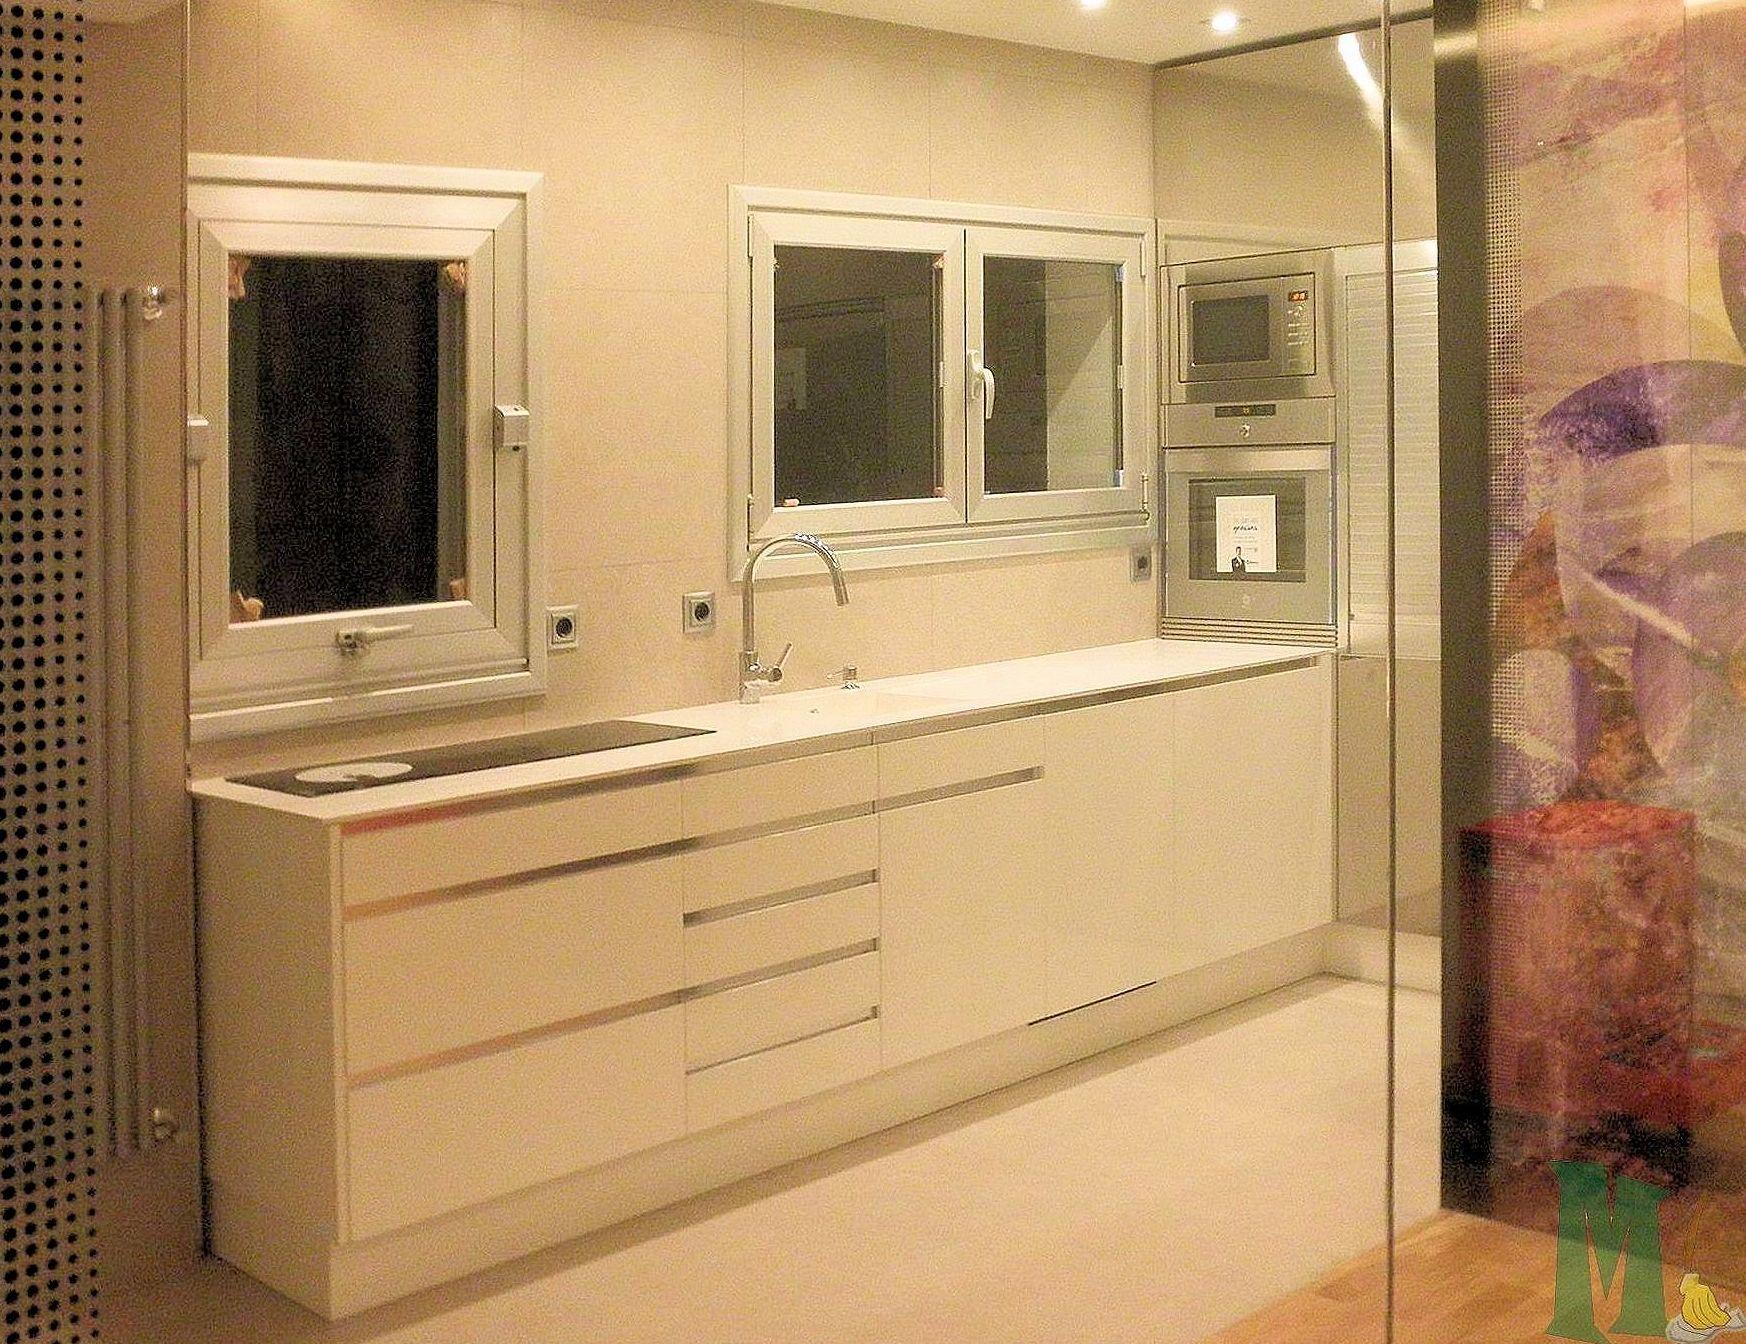 Montaje mueble de cocina y electrodomesticos